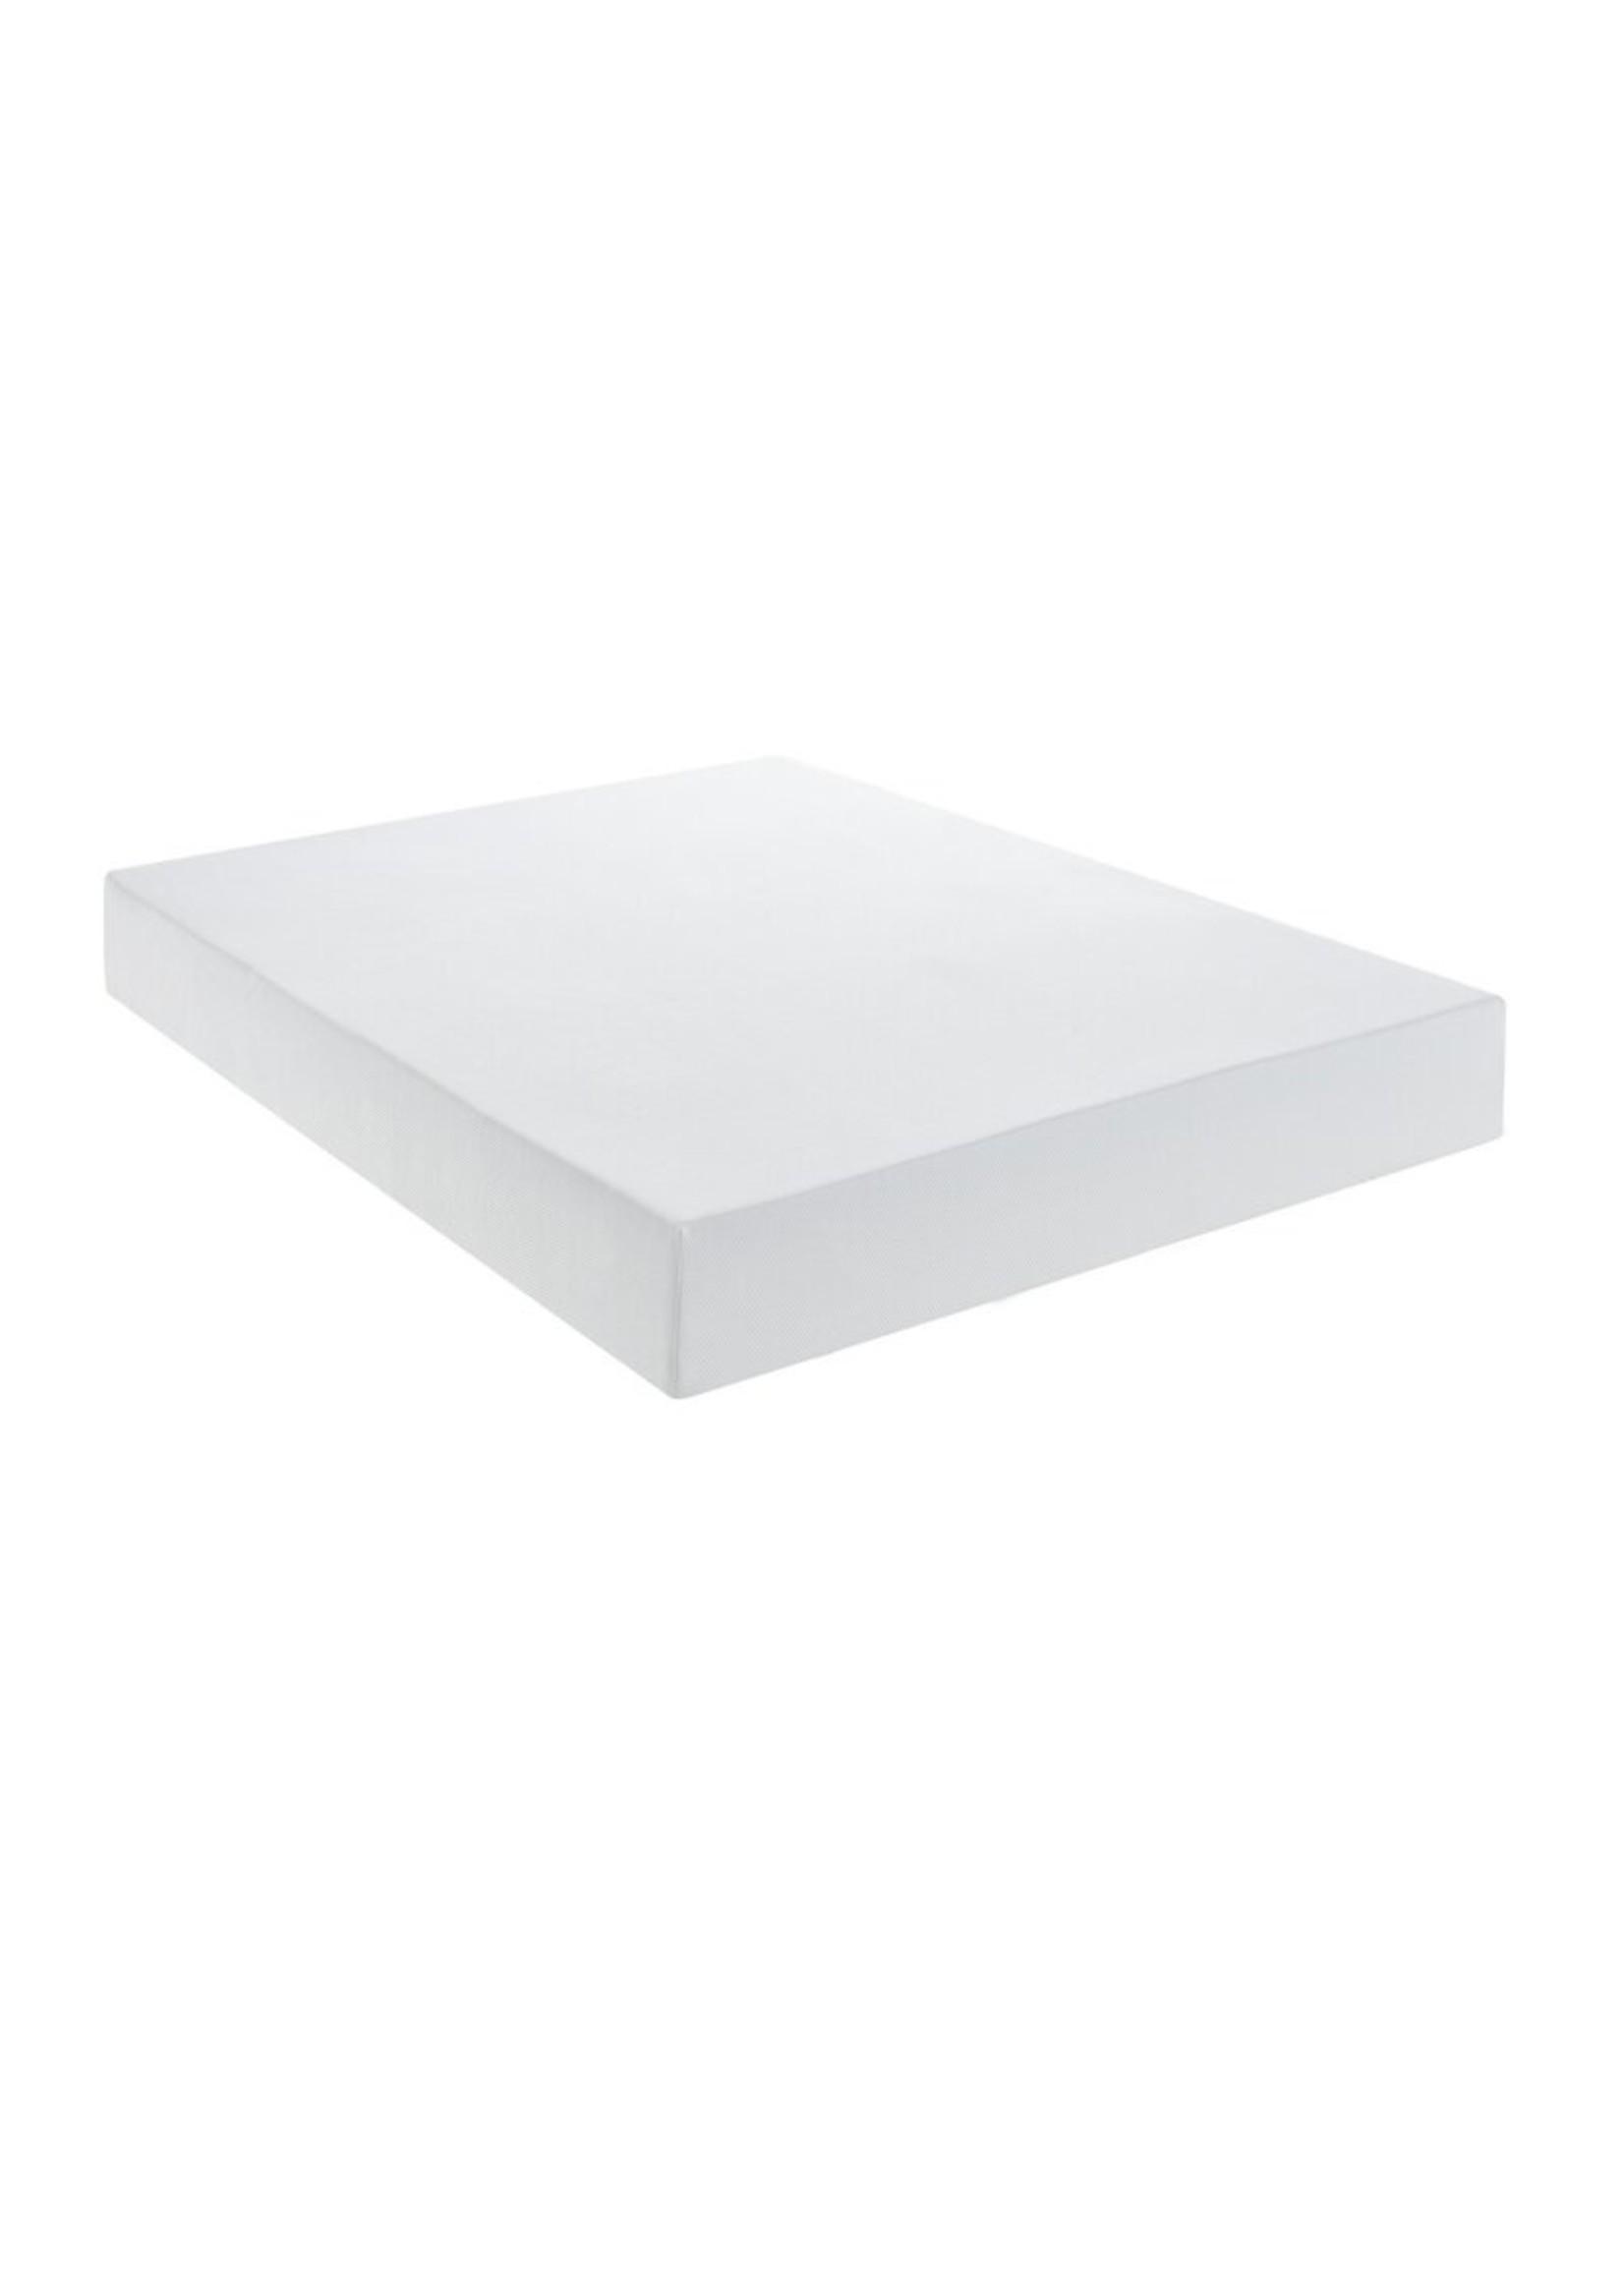 """*Queen - Wayfair Sleep 10"""" Firm Memory Foam Mattress - Final Sale"""